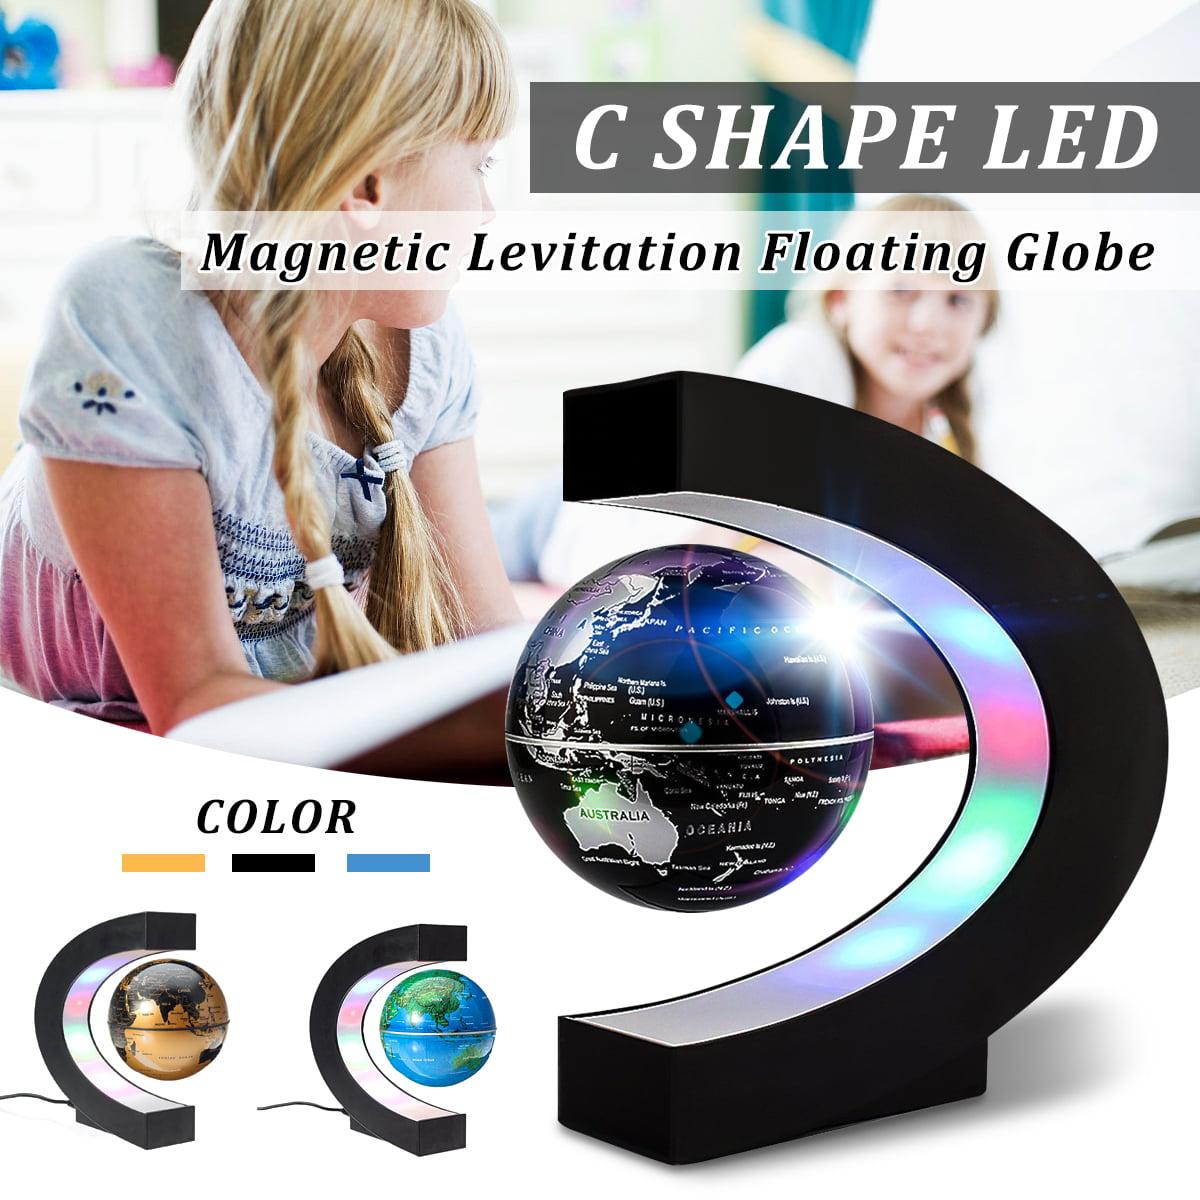 8.5cm/ 3''C Shape Magnetic Levitation Floating Globe with LED Illuminated Lights Floating Globe World Map for Desk Decoration,US Plug,3 Color